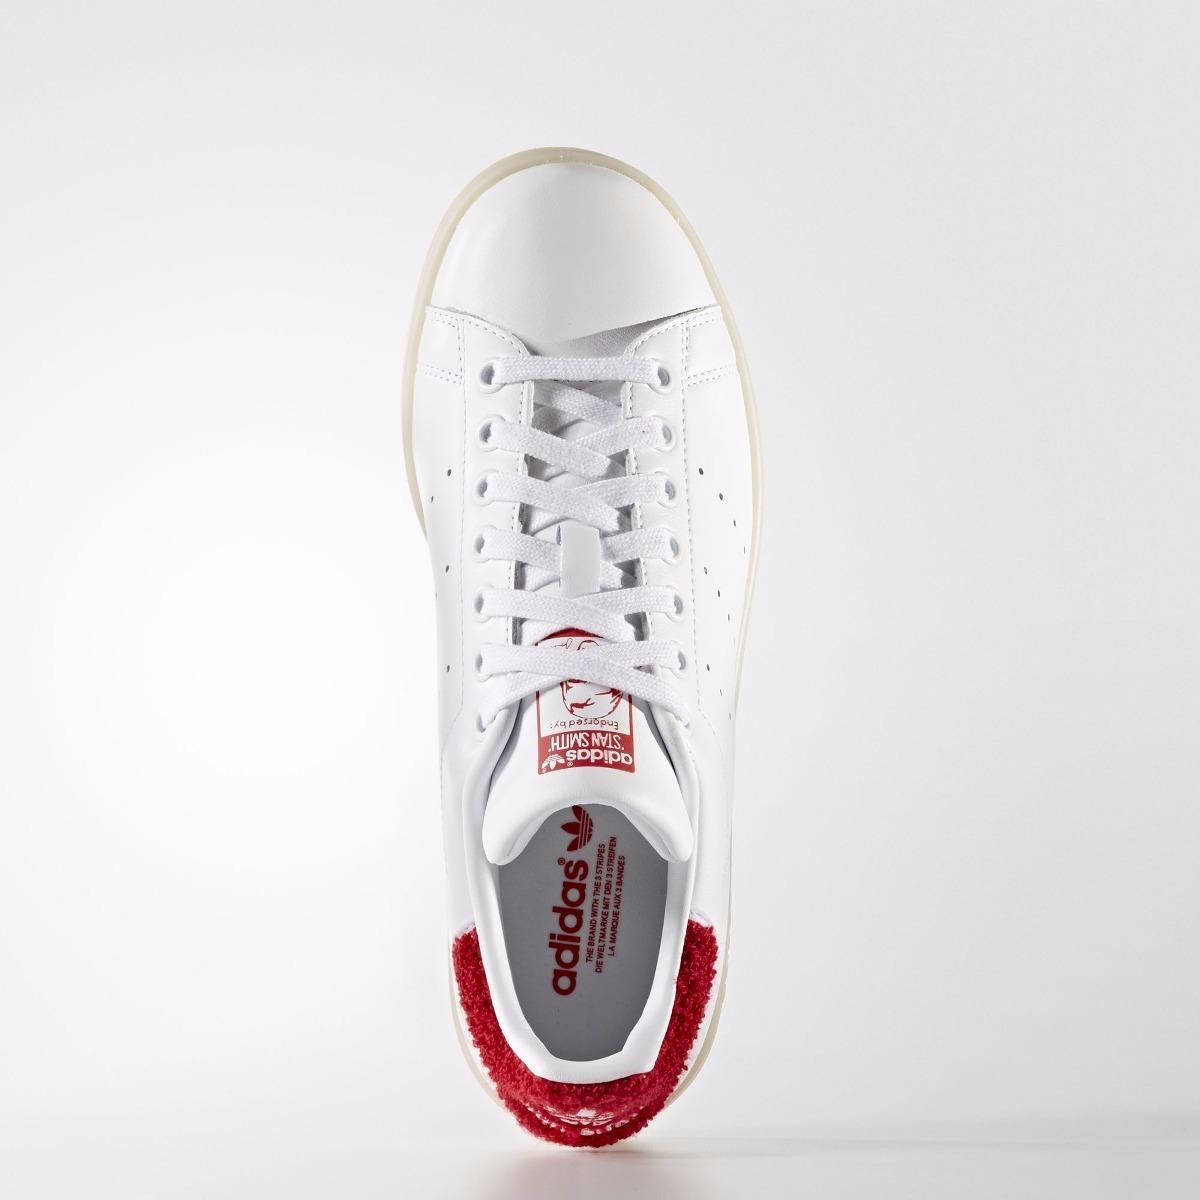 low priced 40086 5ab52 tenis originals de piel stan smith mujer adidas s32256. Cargando zoom.